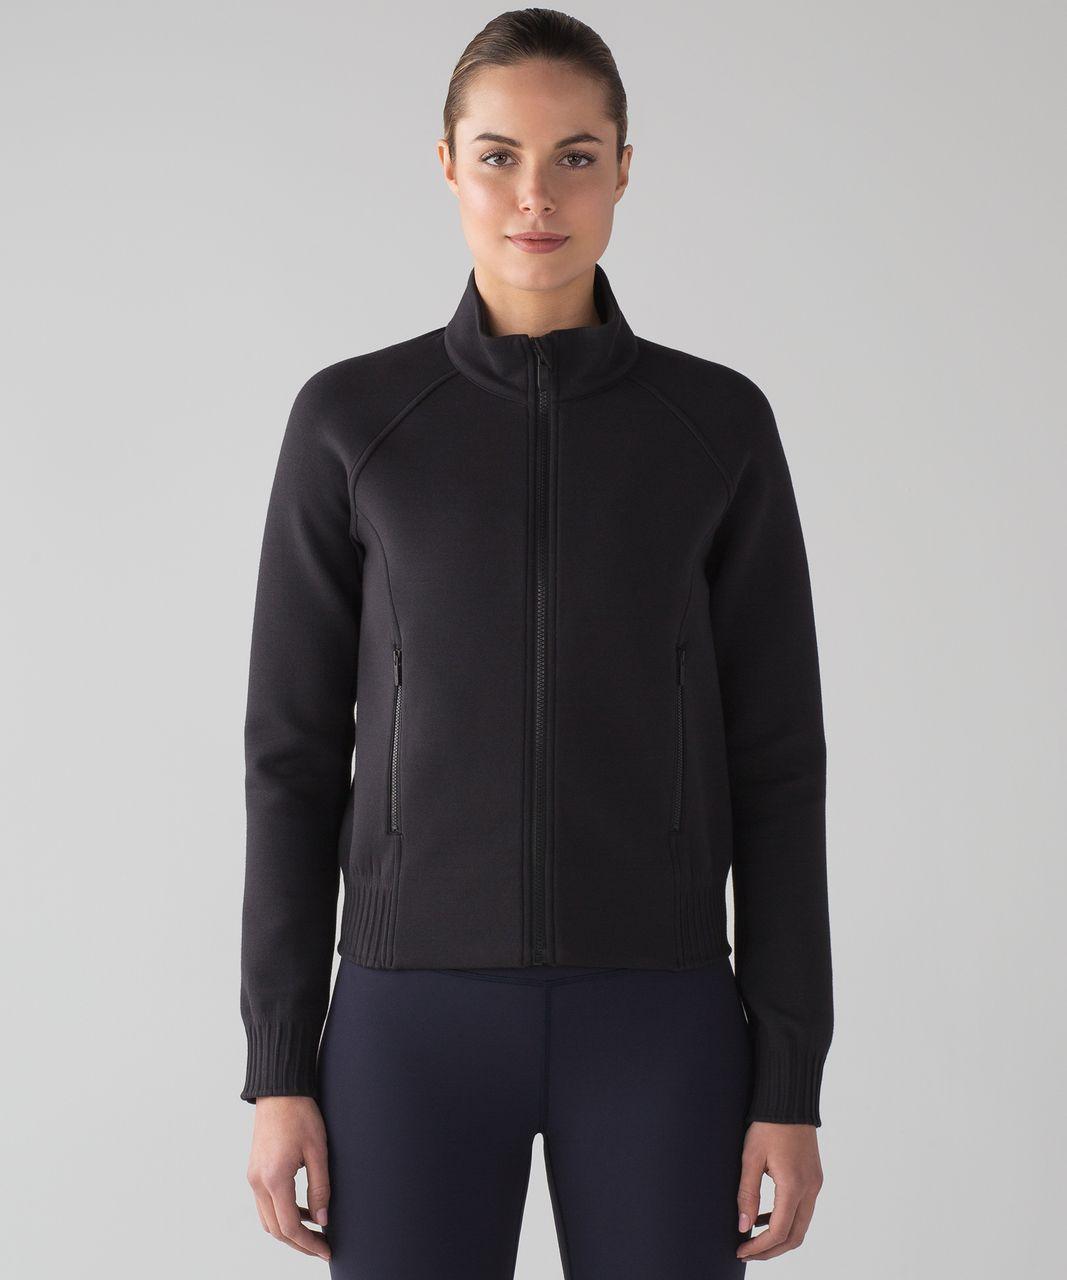 e4c19aff6 Lululemon NTS Jacket - Black